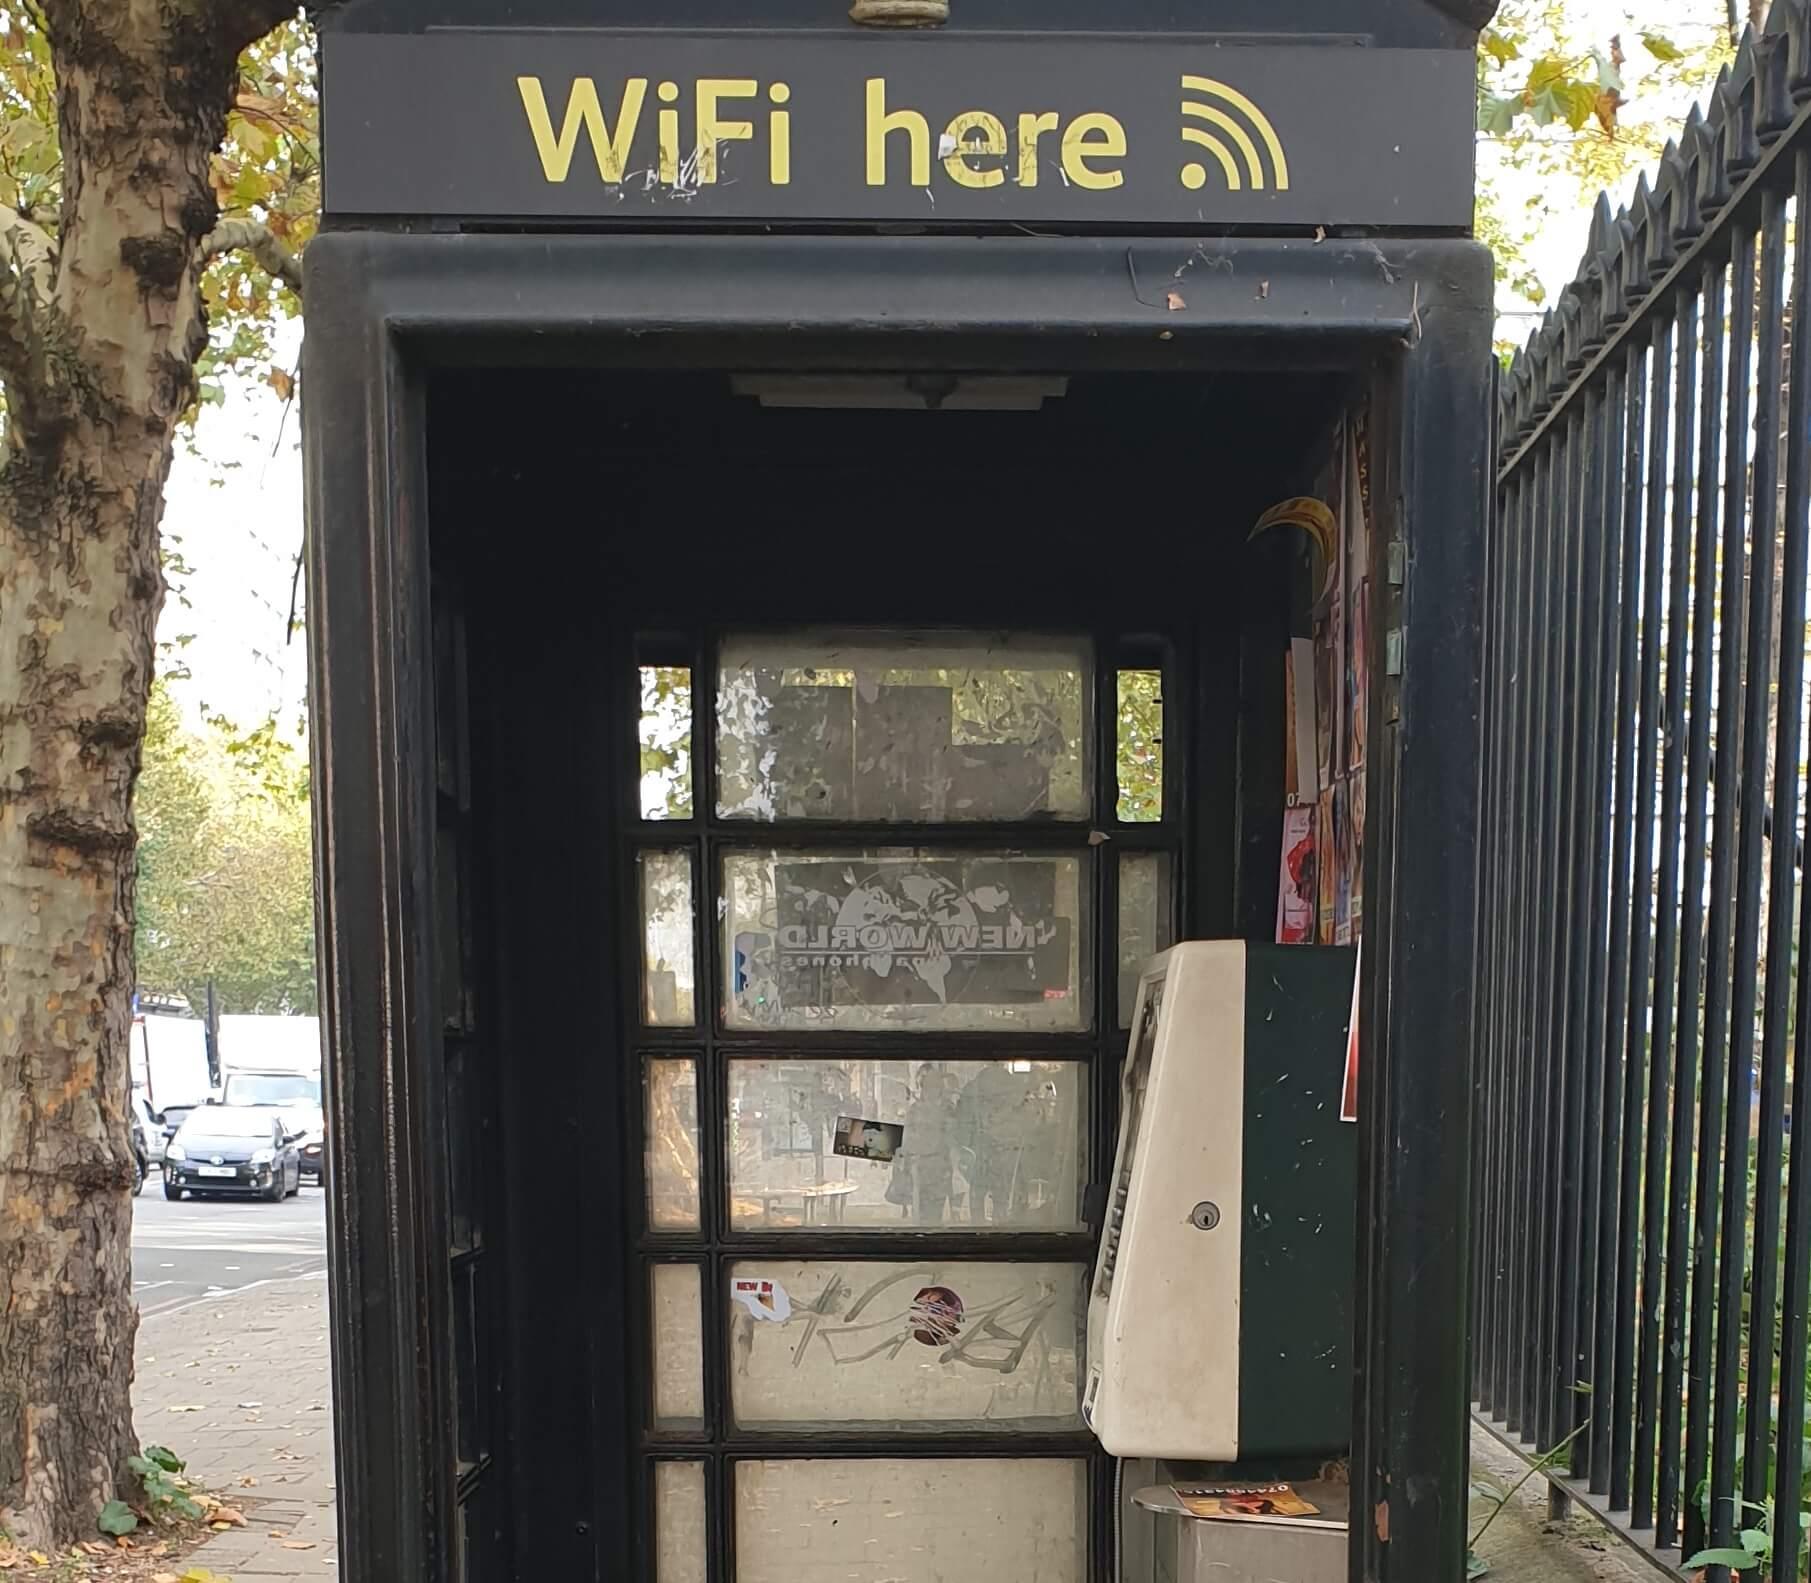 El Wifi gratuito en Londres con cabinas no funciona.